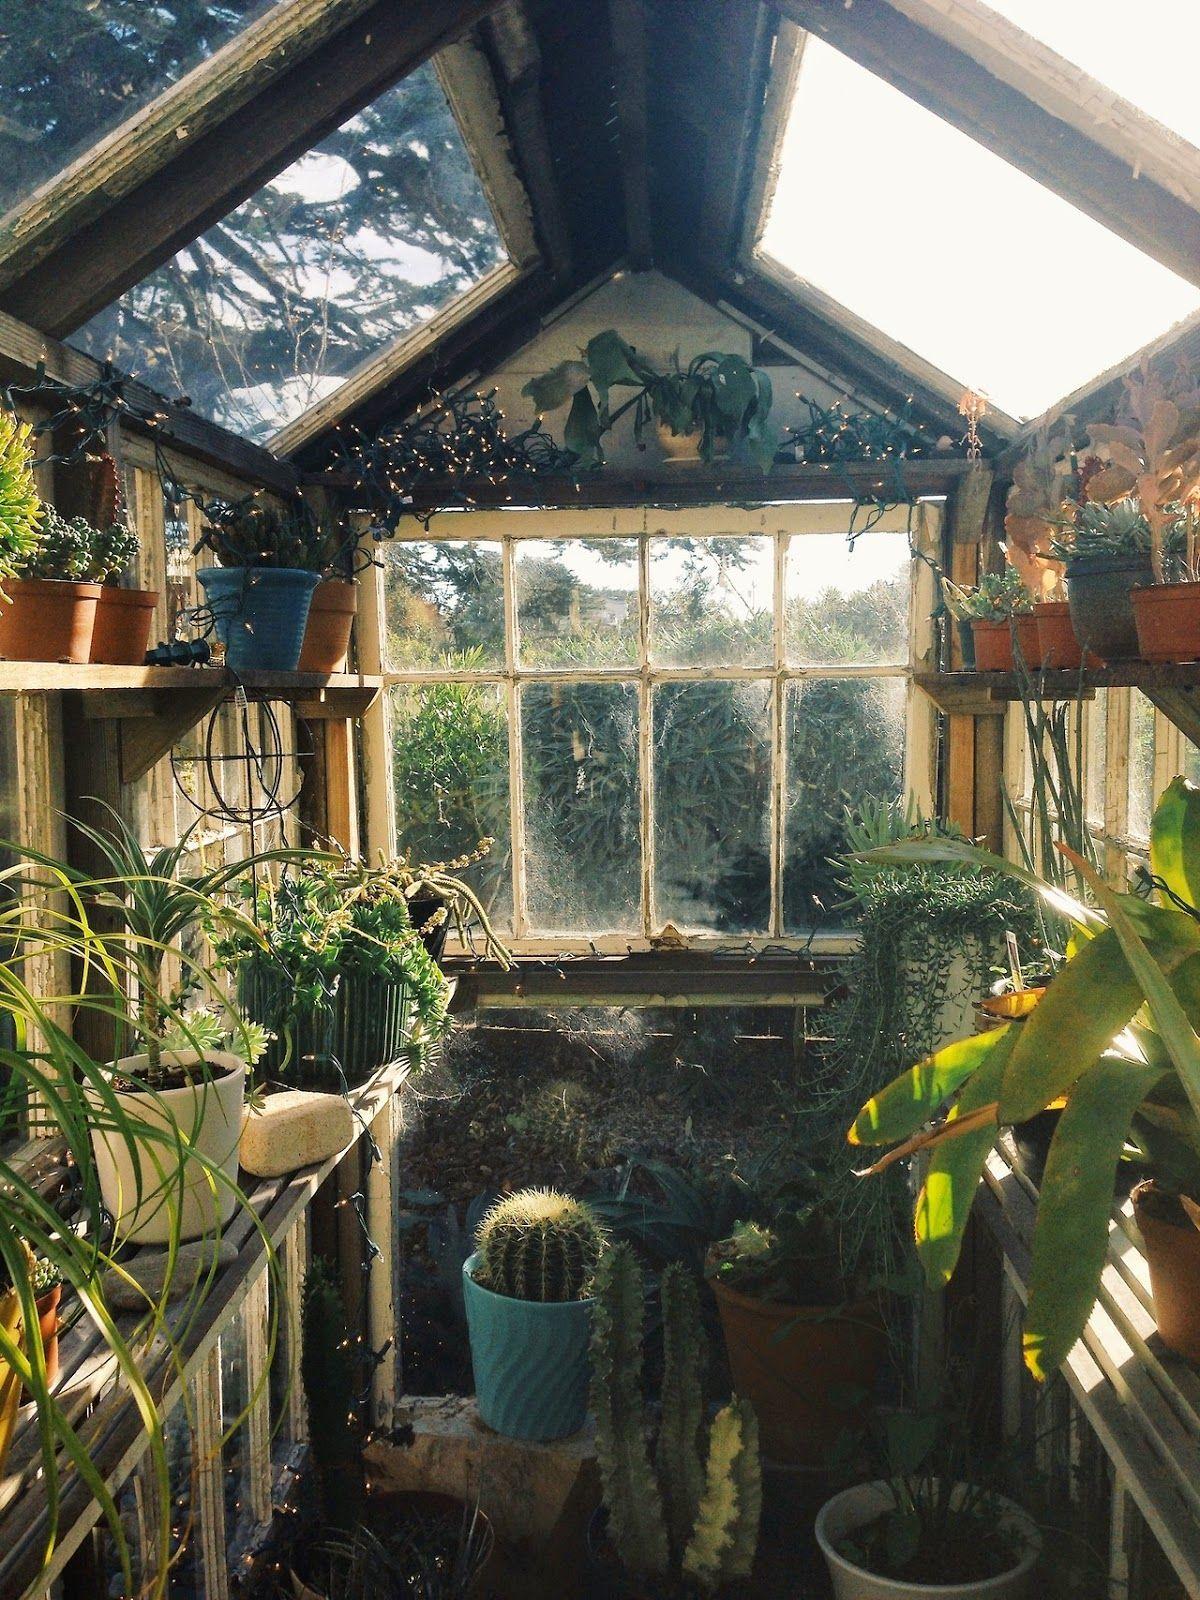 Mes Coups De Coeur Tumblr 2 Jardin D Hiver Maison Verte Jardin Interieur